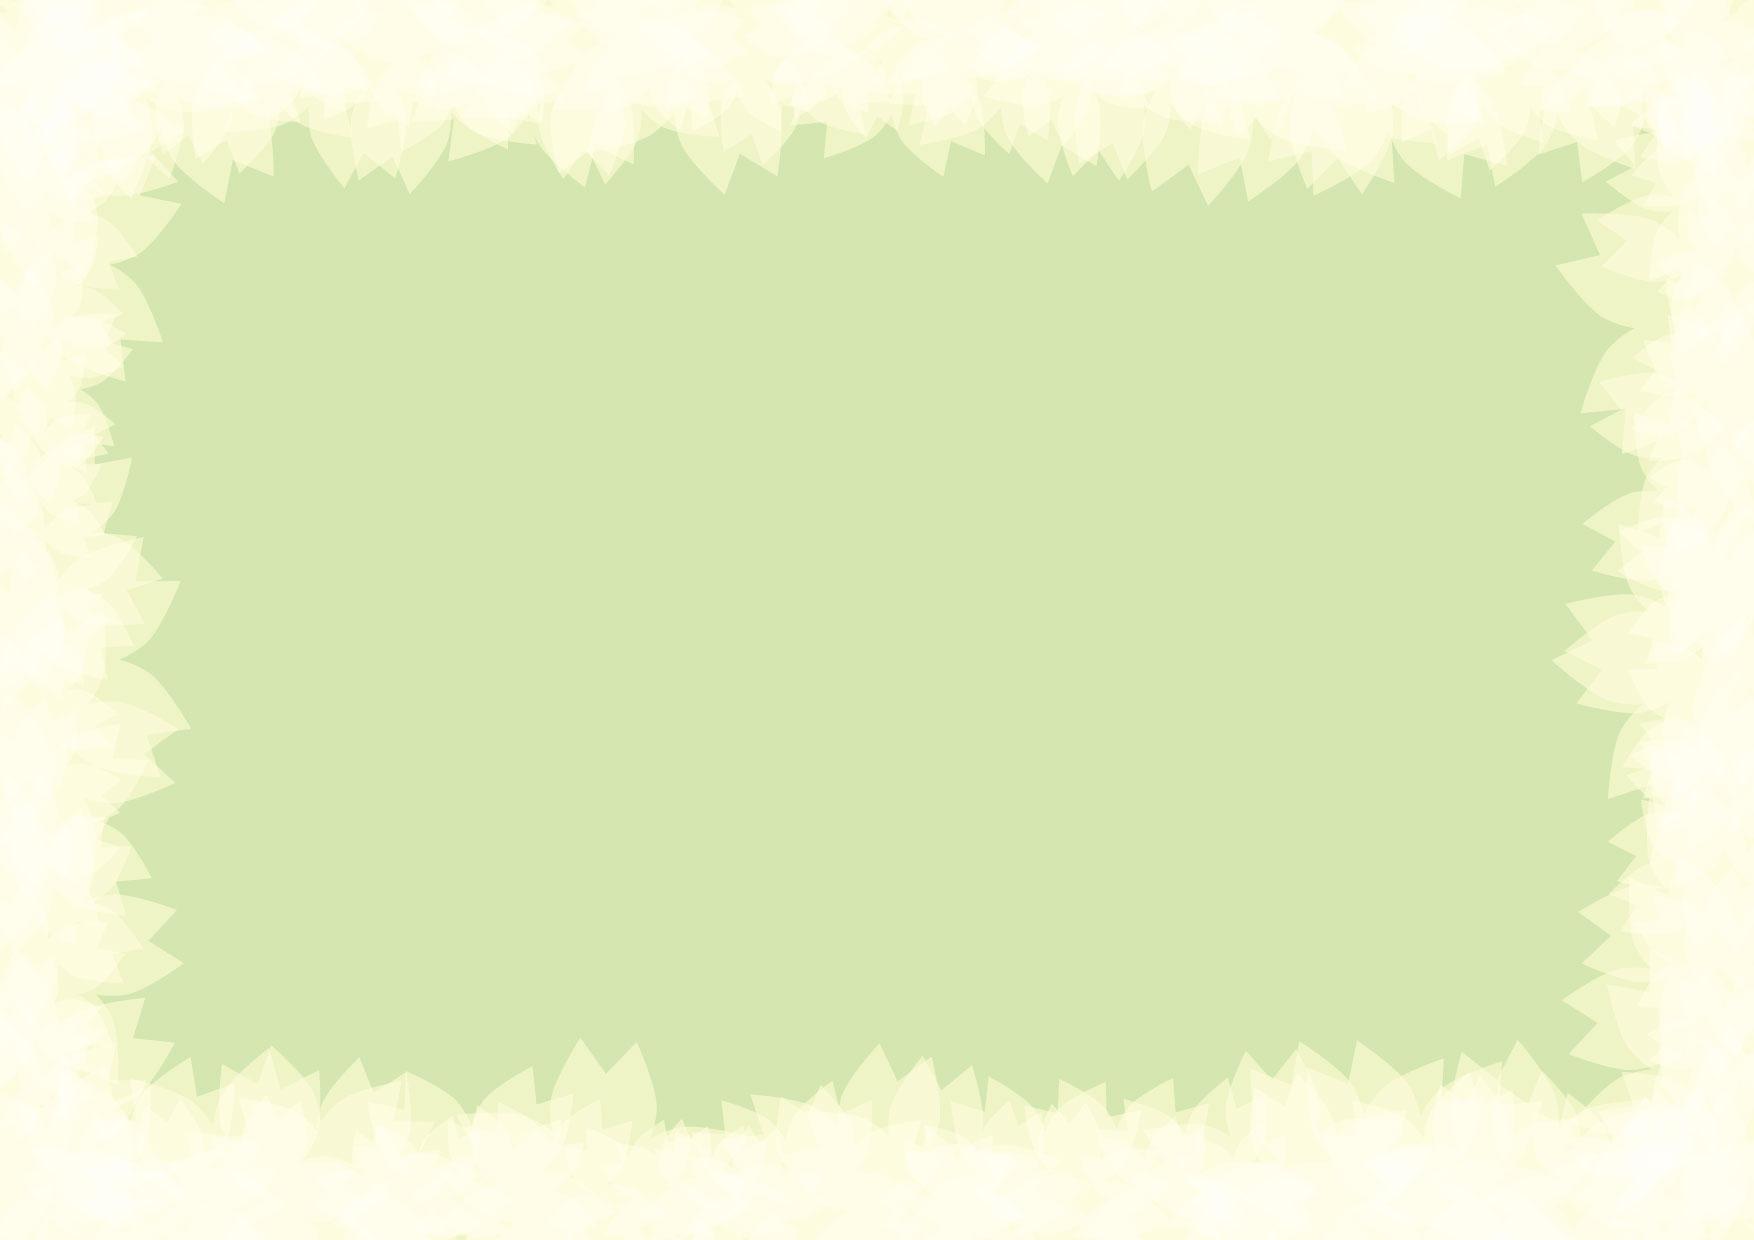 可愛いイラスト無料|グリーン 枠 背景 − free illustration Green frame background